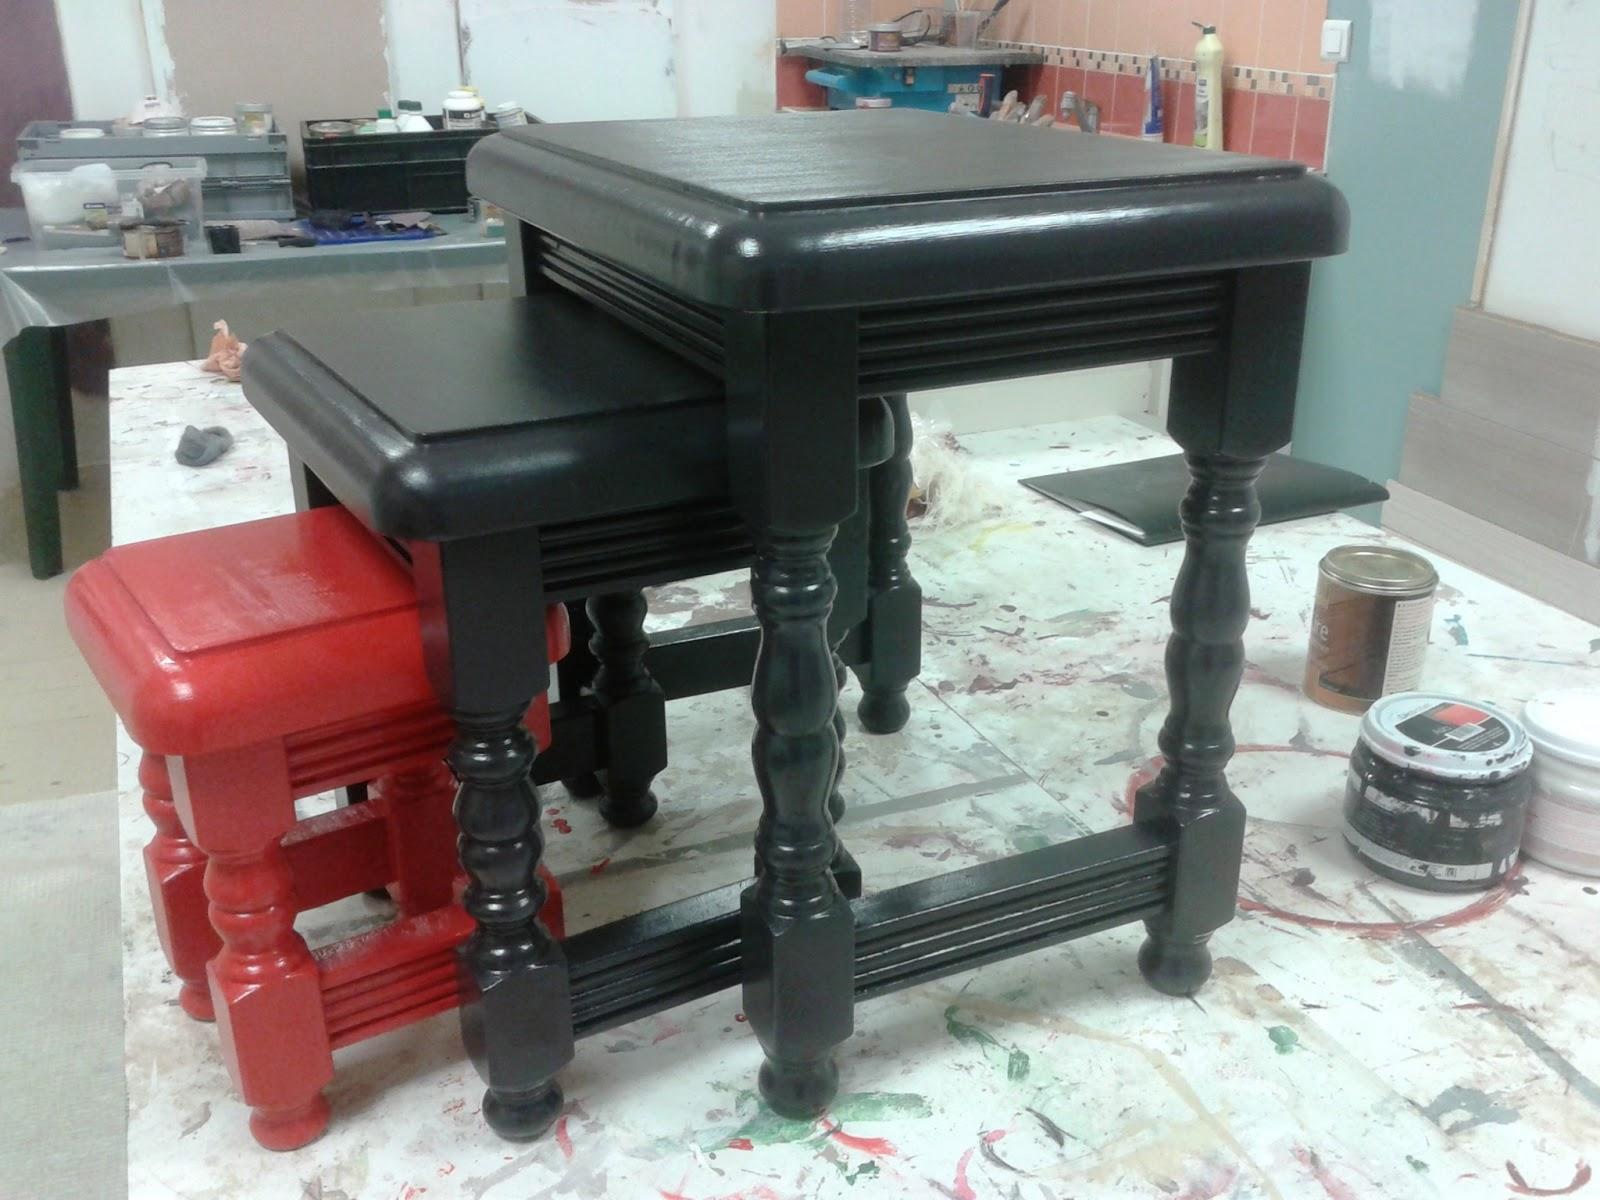 peinture sur meuble vernis application directe sans. Black Bedroom Furniture Sets. Home Design Ideas